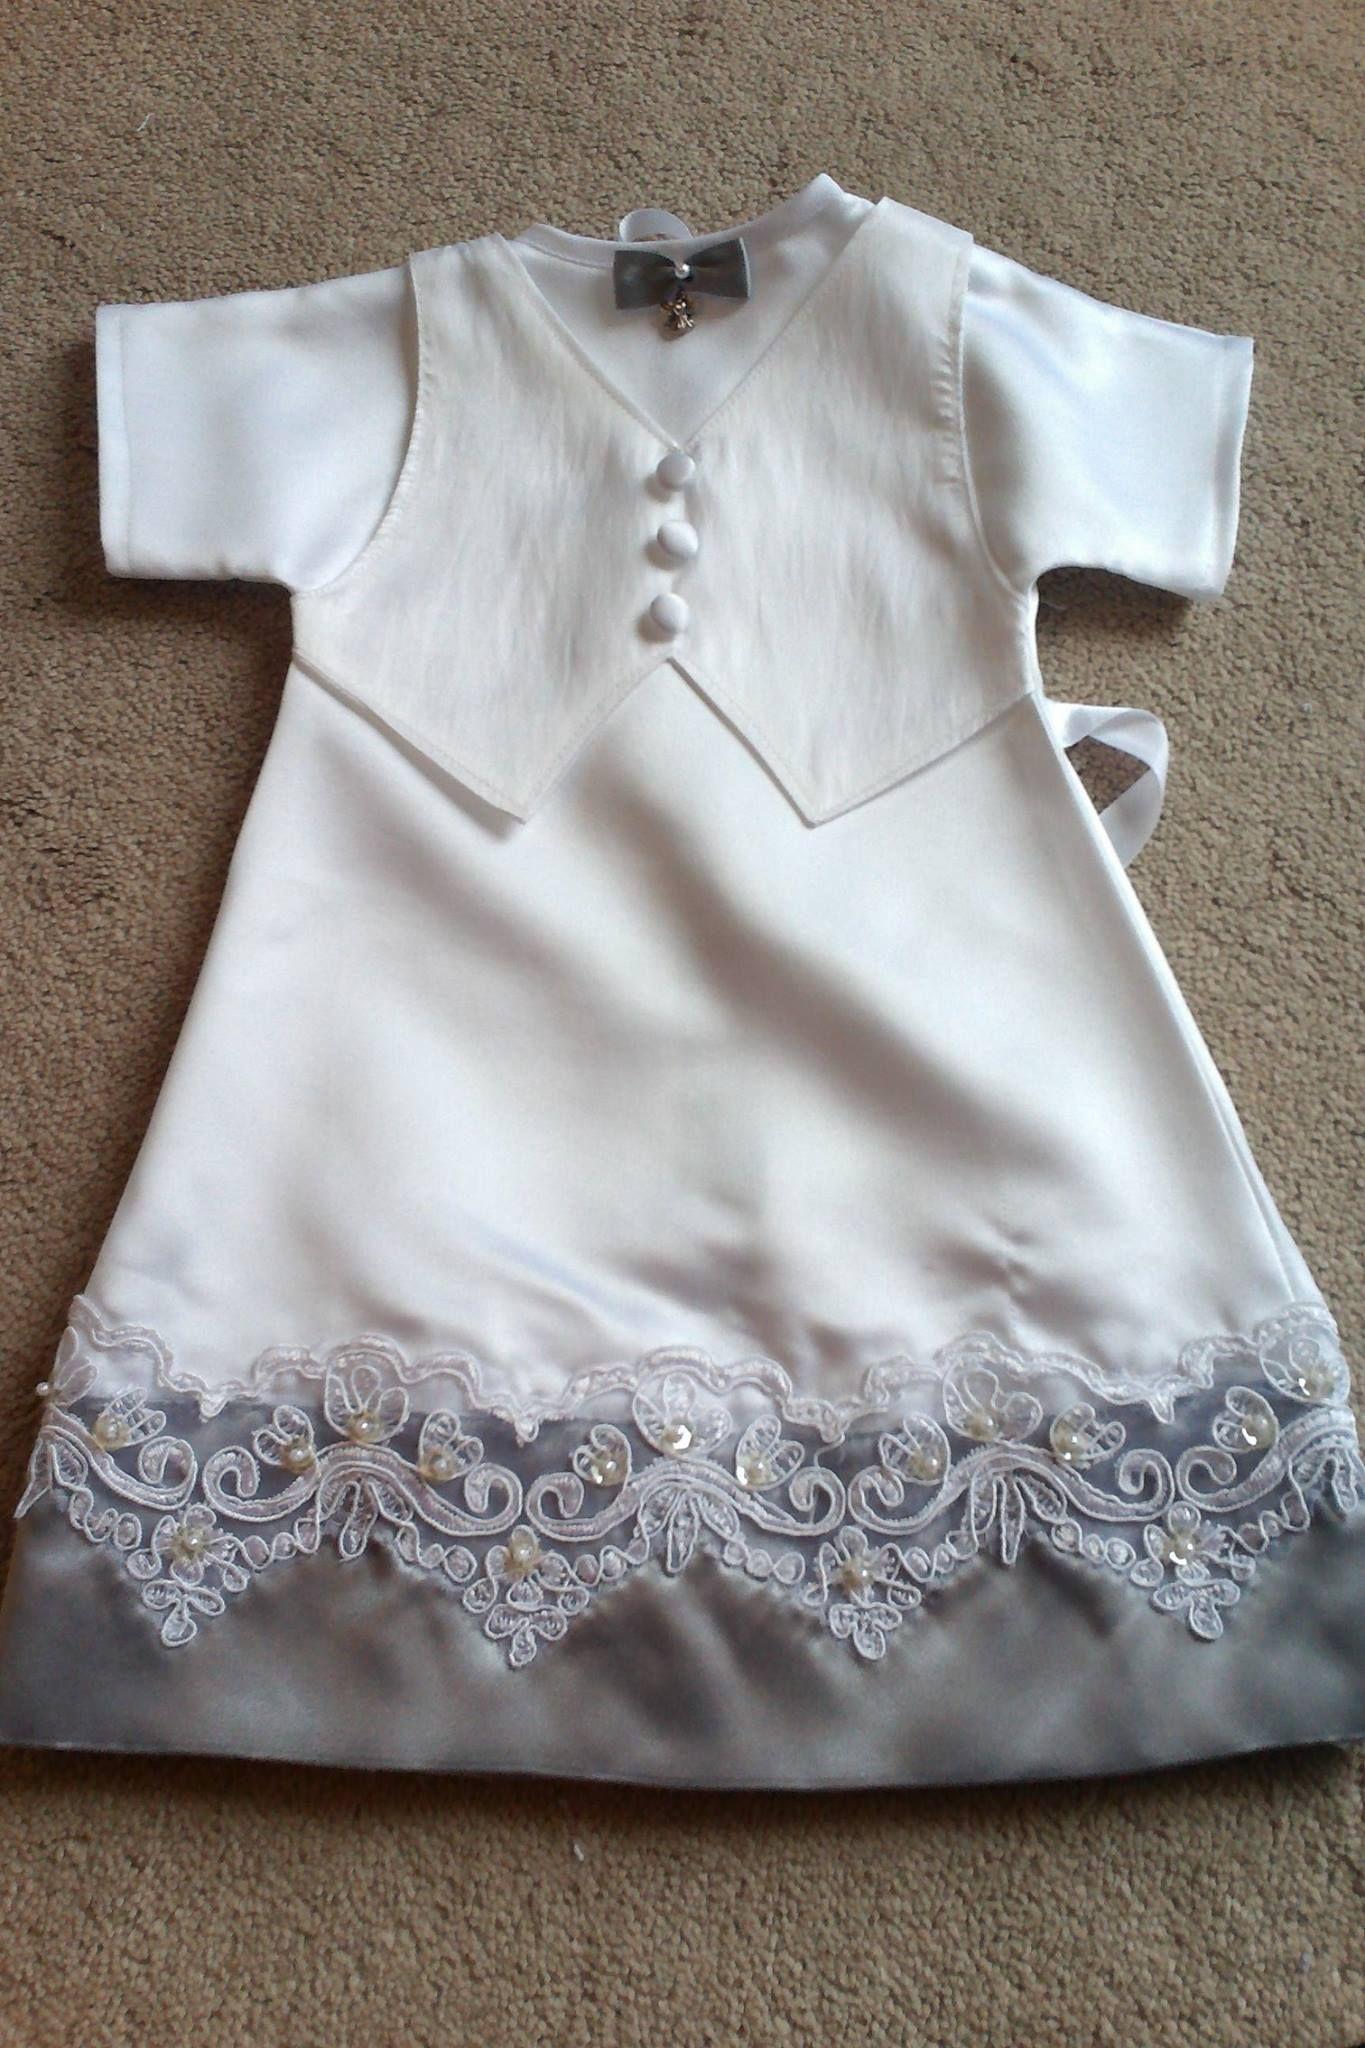 Pin by Elizabeth Bennet on Angel Gowns | Pinterest | Angel, Angel ...